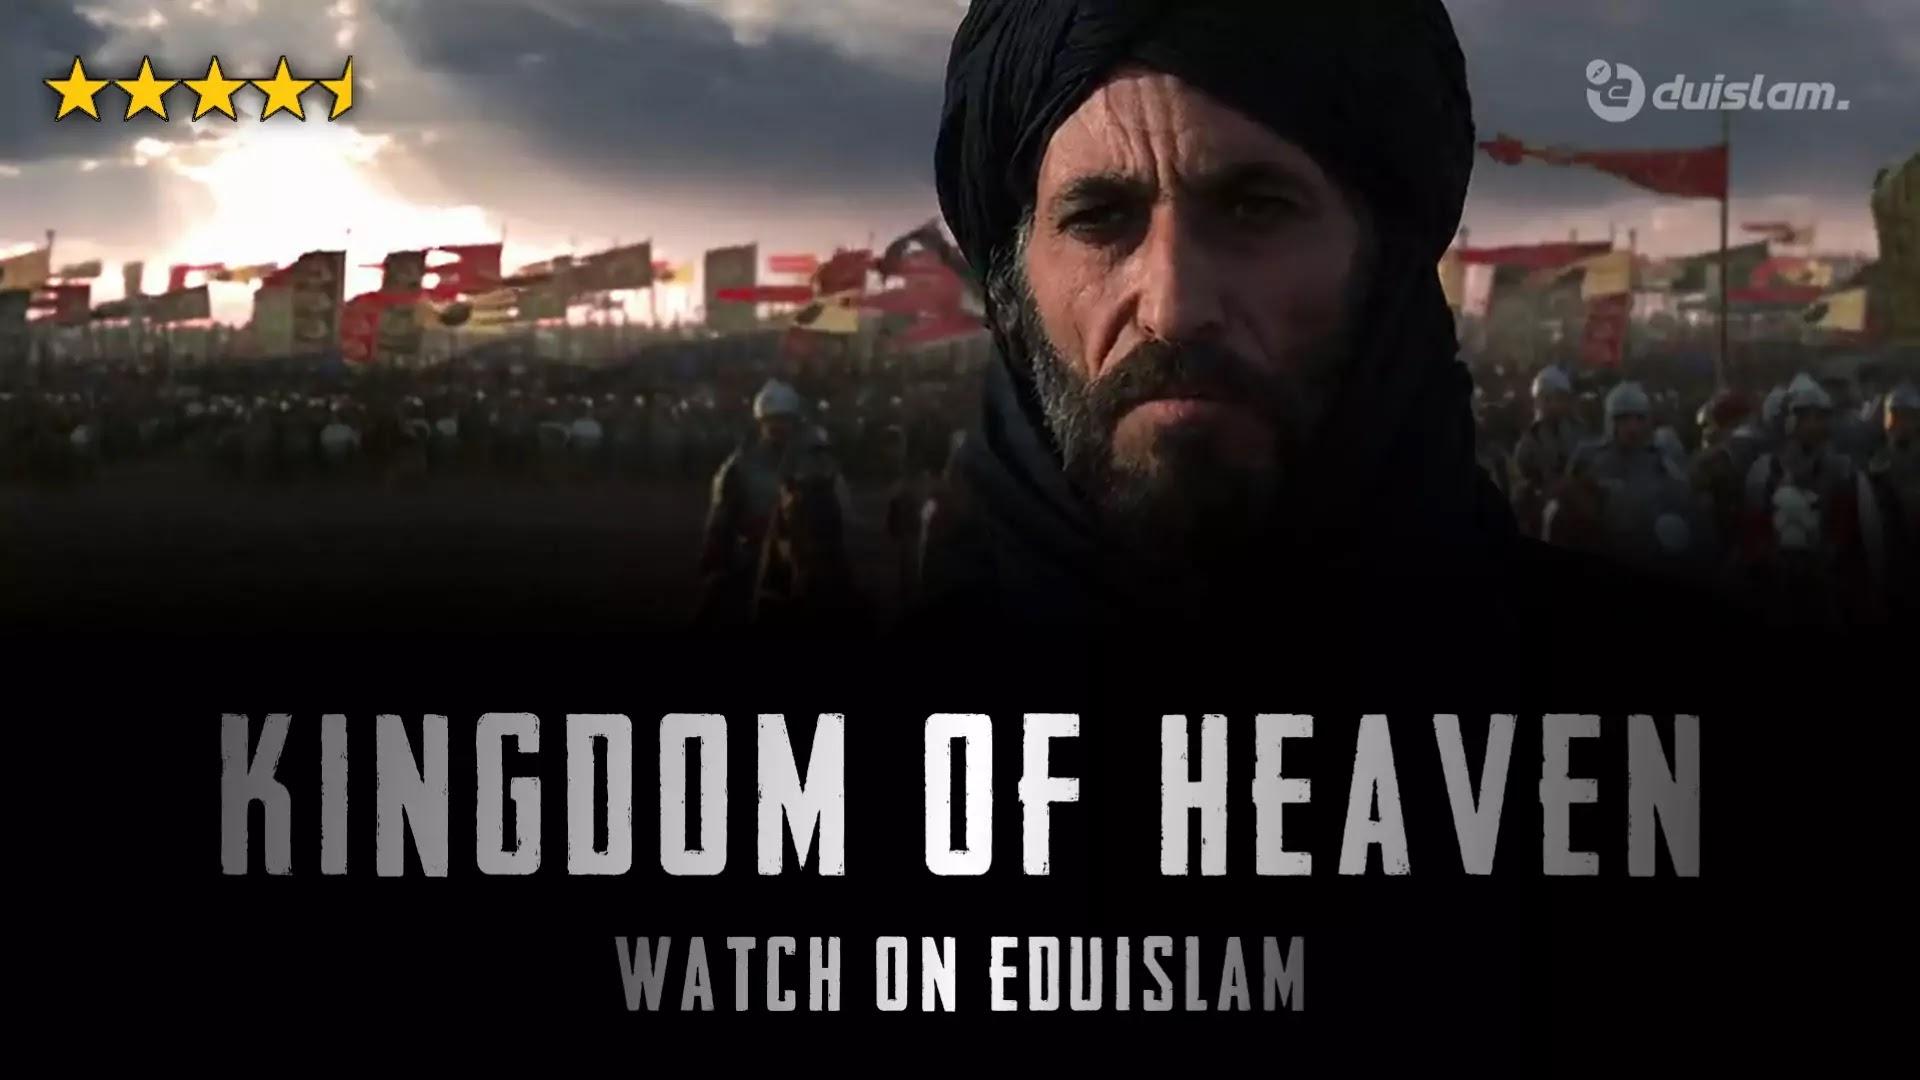 Kingdom Of Heaven full movie in Urdu/Hindi